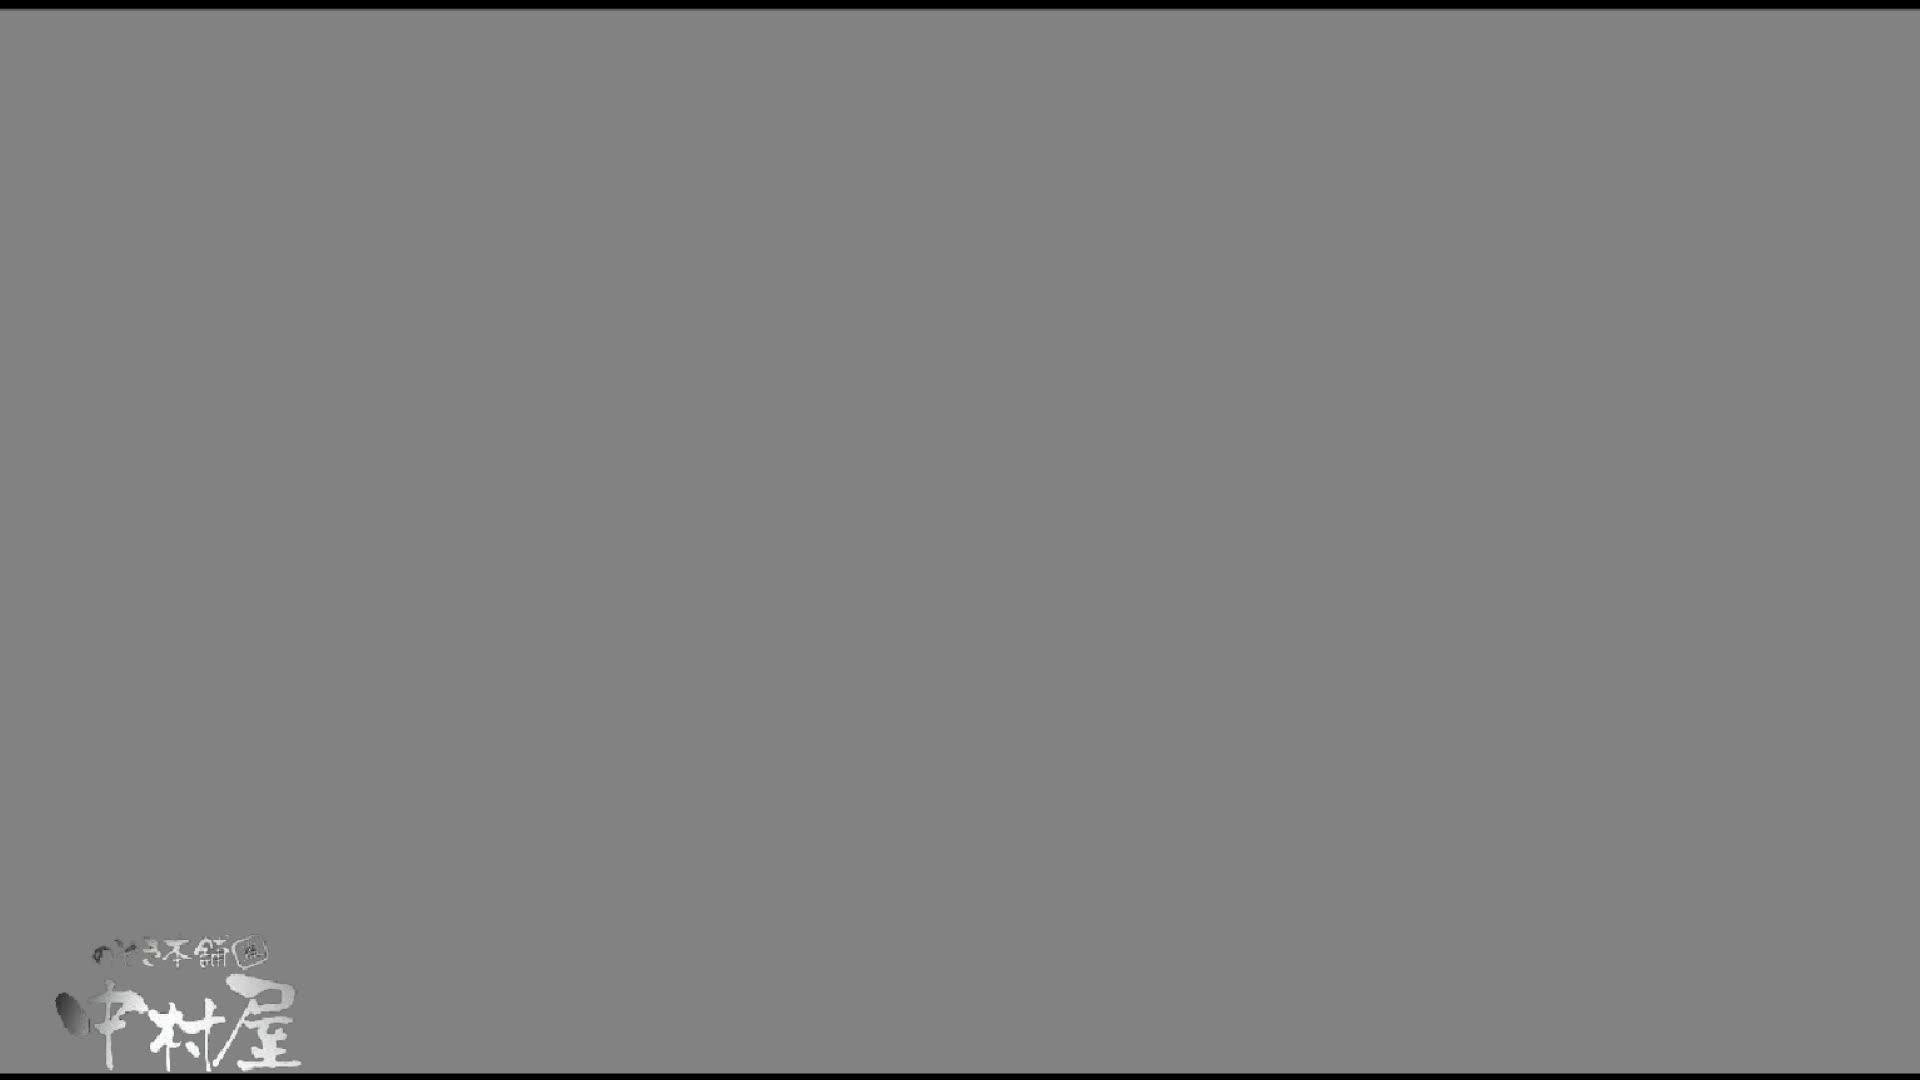 飛び出す黄金水!!!アトレ潜入 かわや盗撮 vol.05 盗撮シリーズ AV動画キャプチャ 102PIX 2